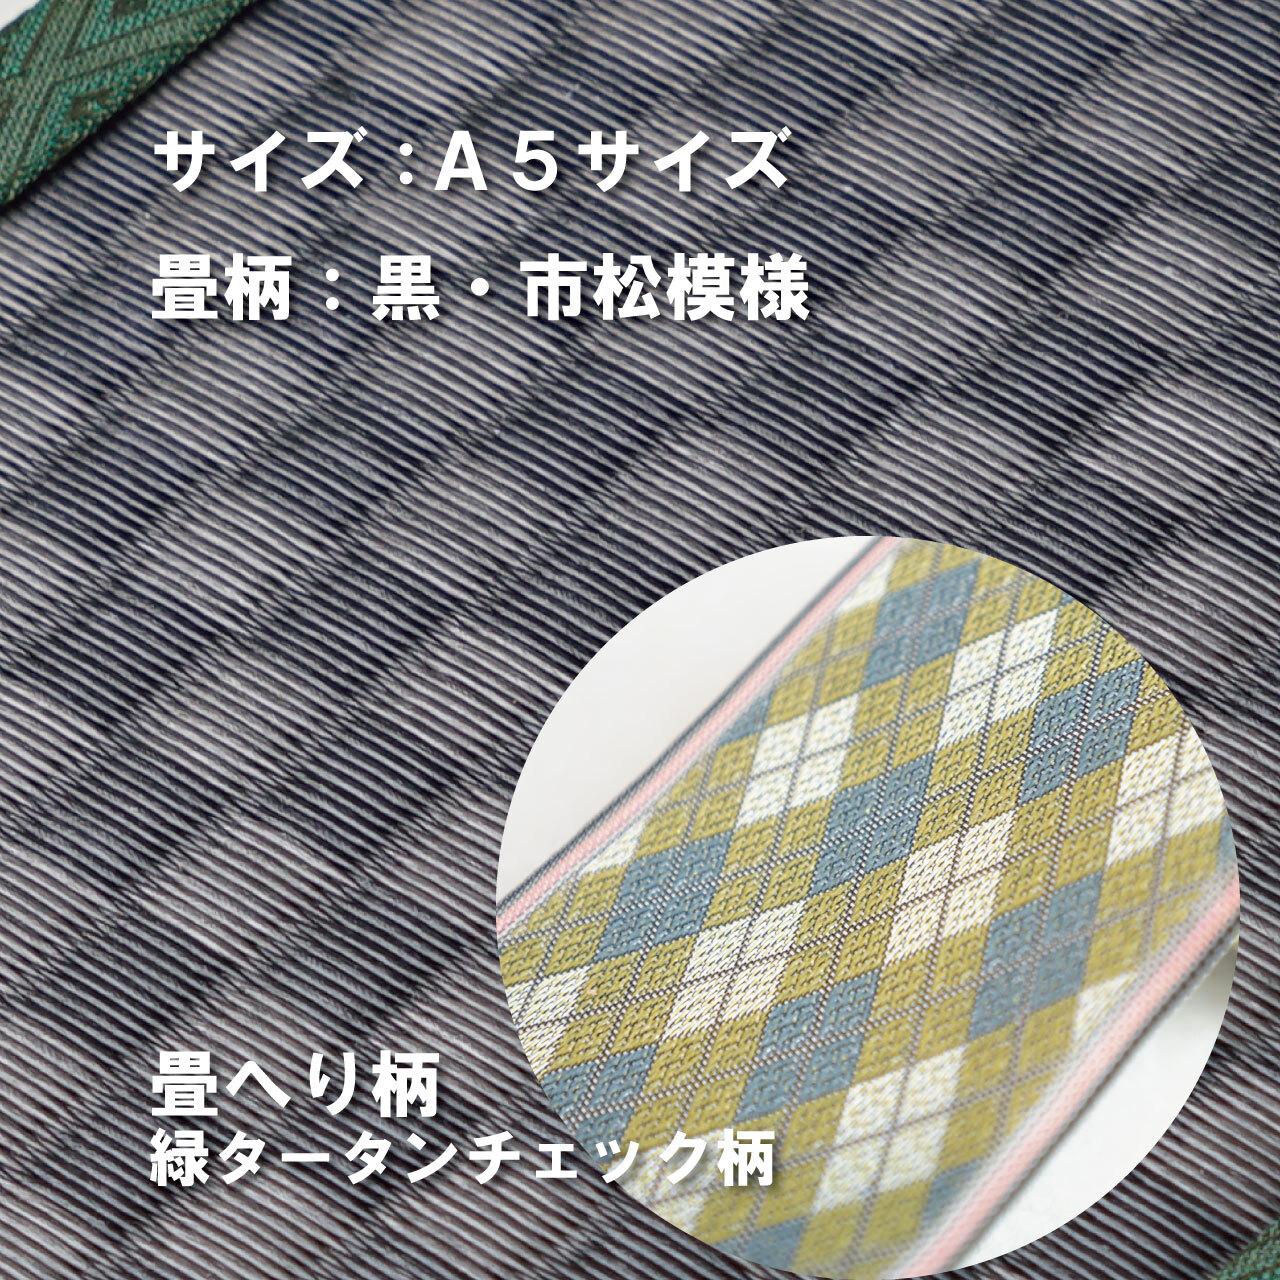 ミニ畳台 フィギア台や小物置きに♪ A5サイズ 畳:黒市松 縁の柄:緑タータンチェック A5BM009